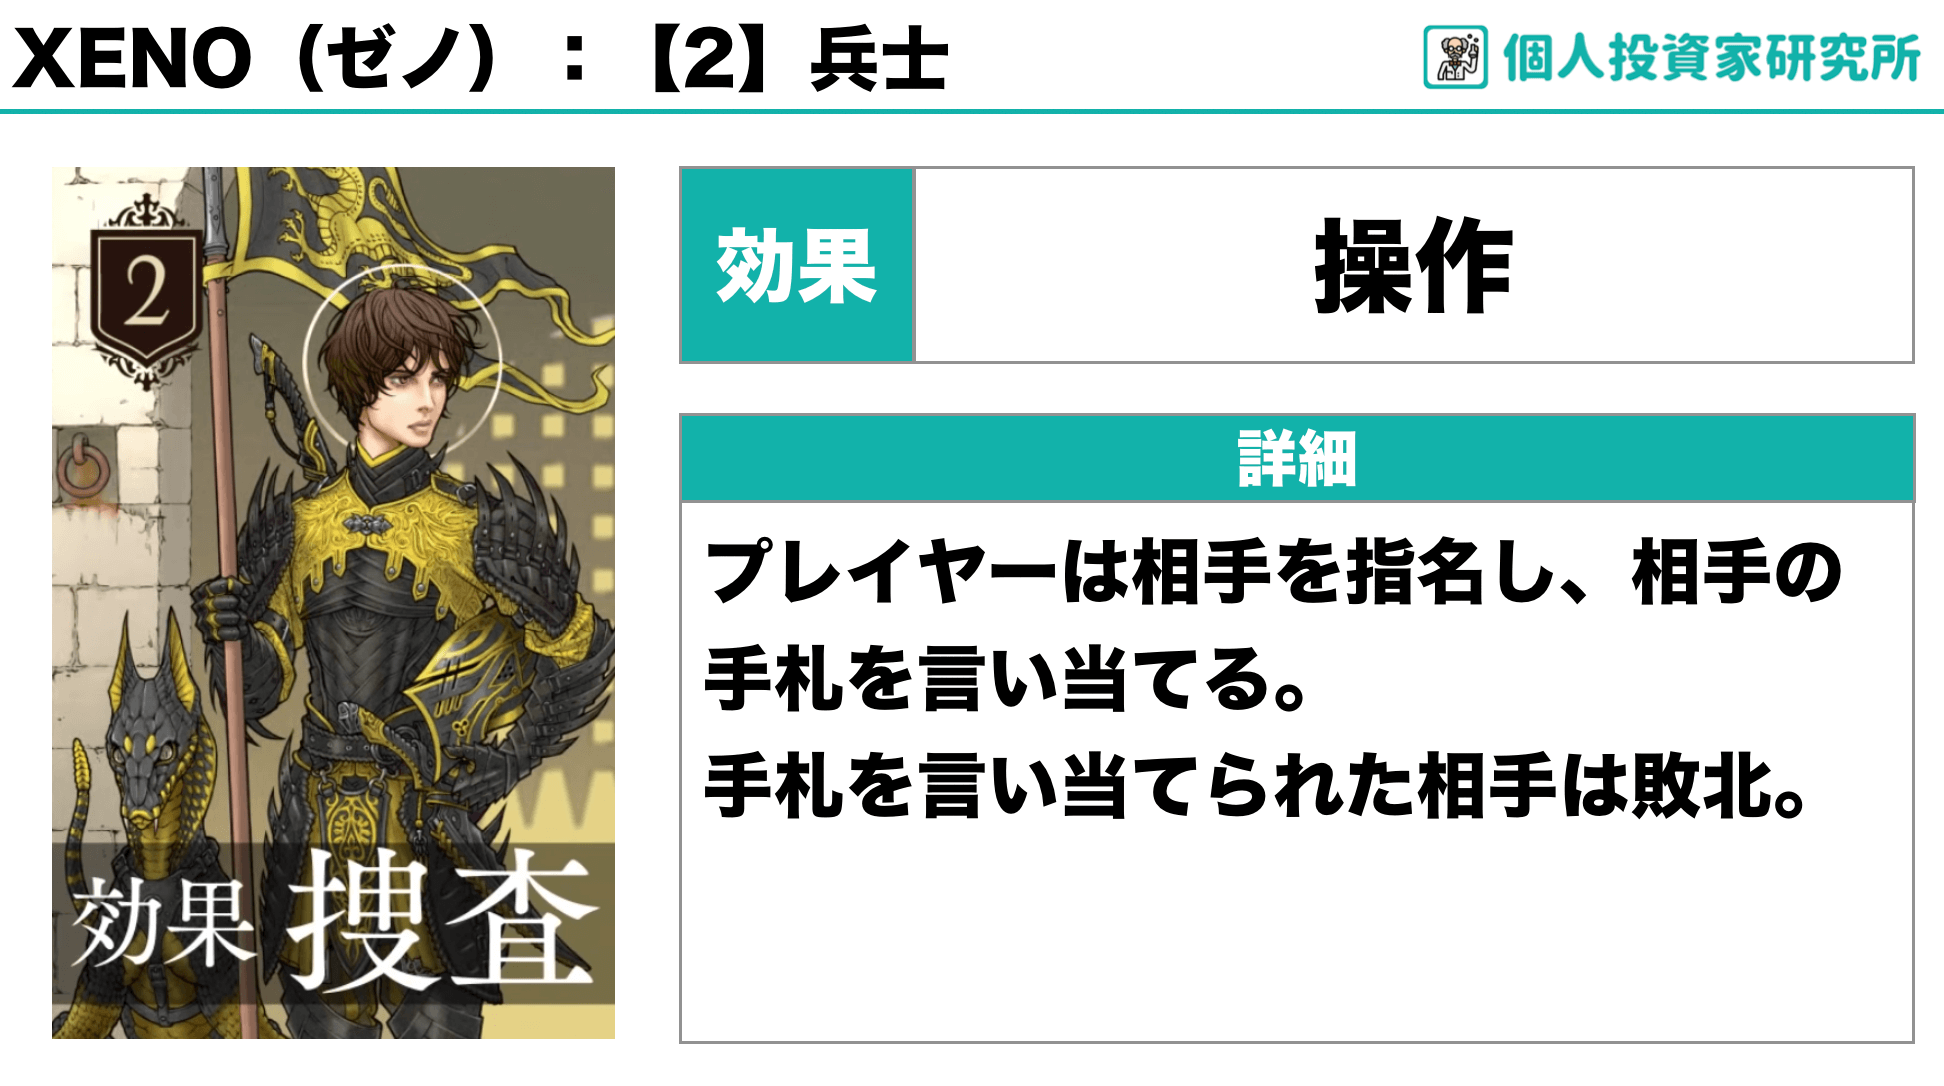 【ルール_カードの効果】中田敦彦さん考案のカードゲーム・XENO(ゼノ)2